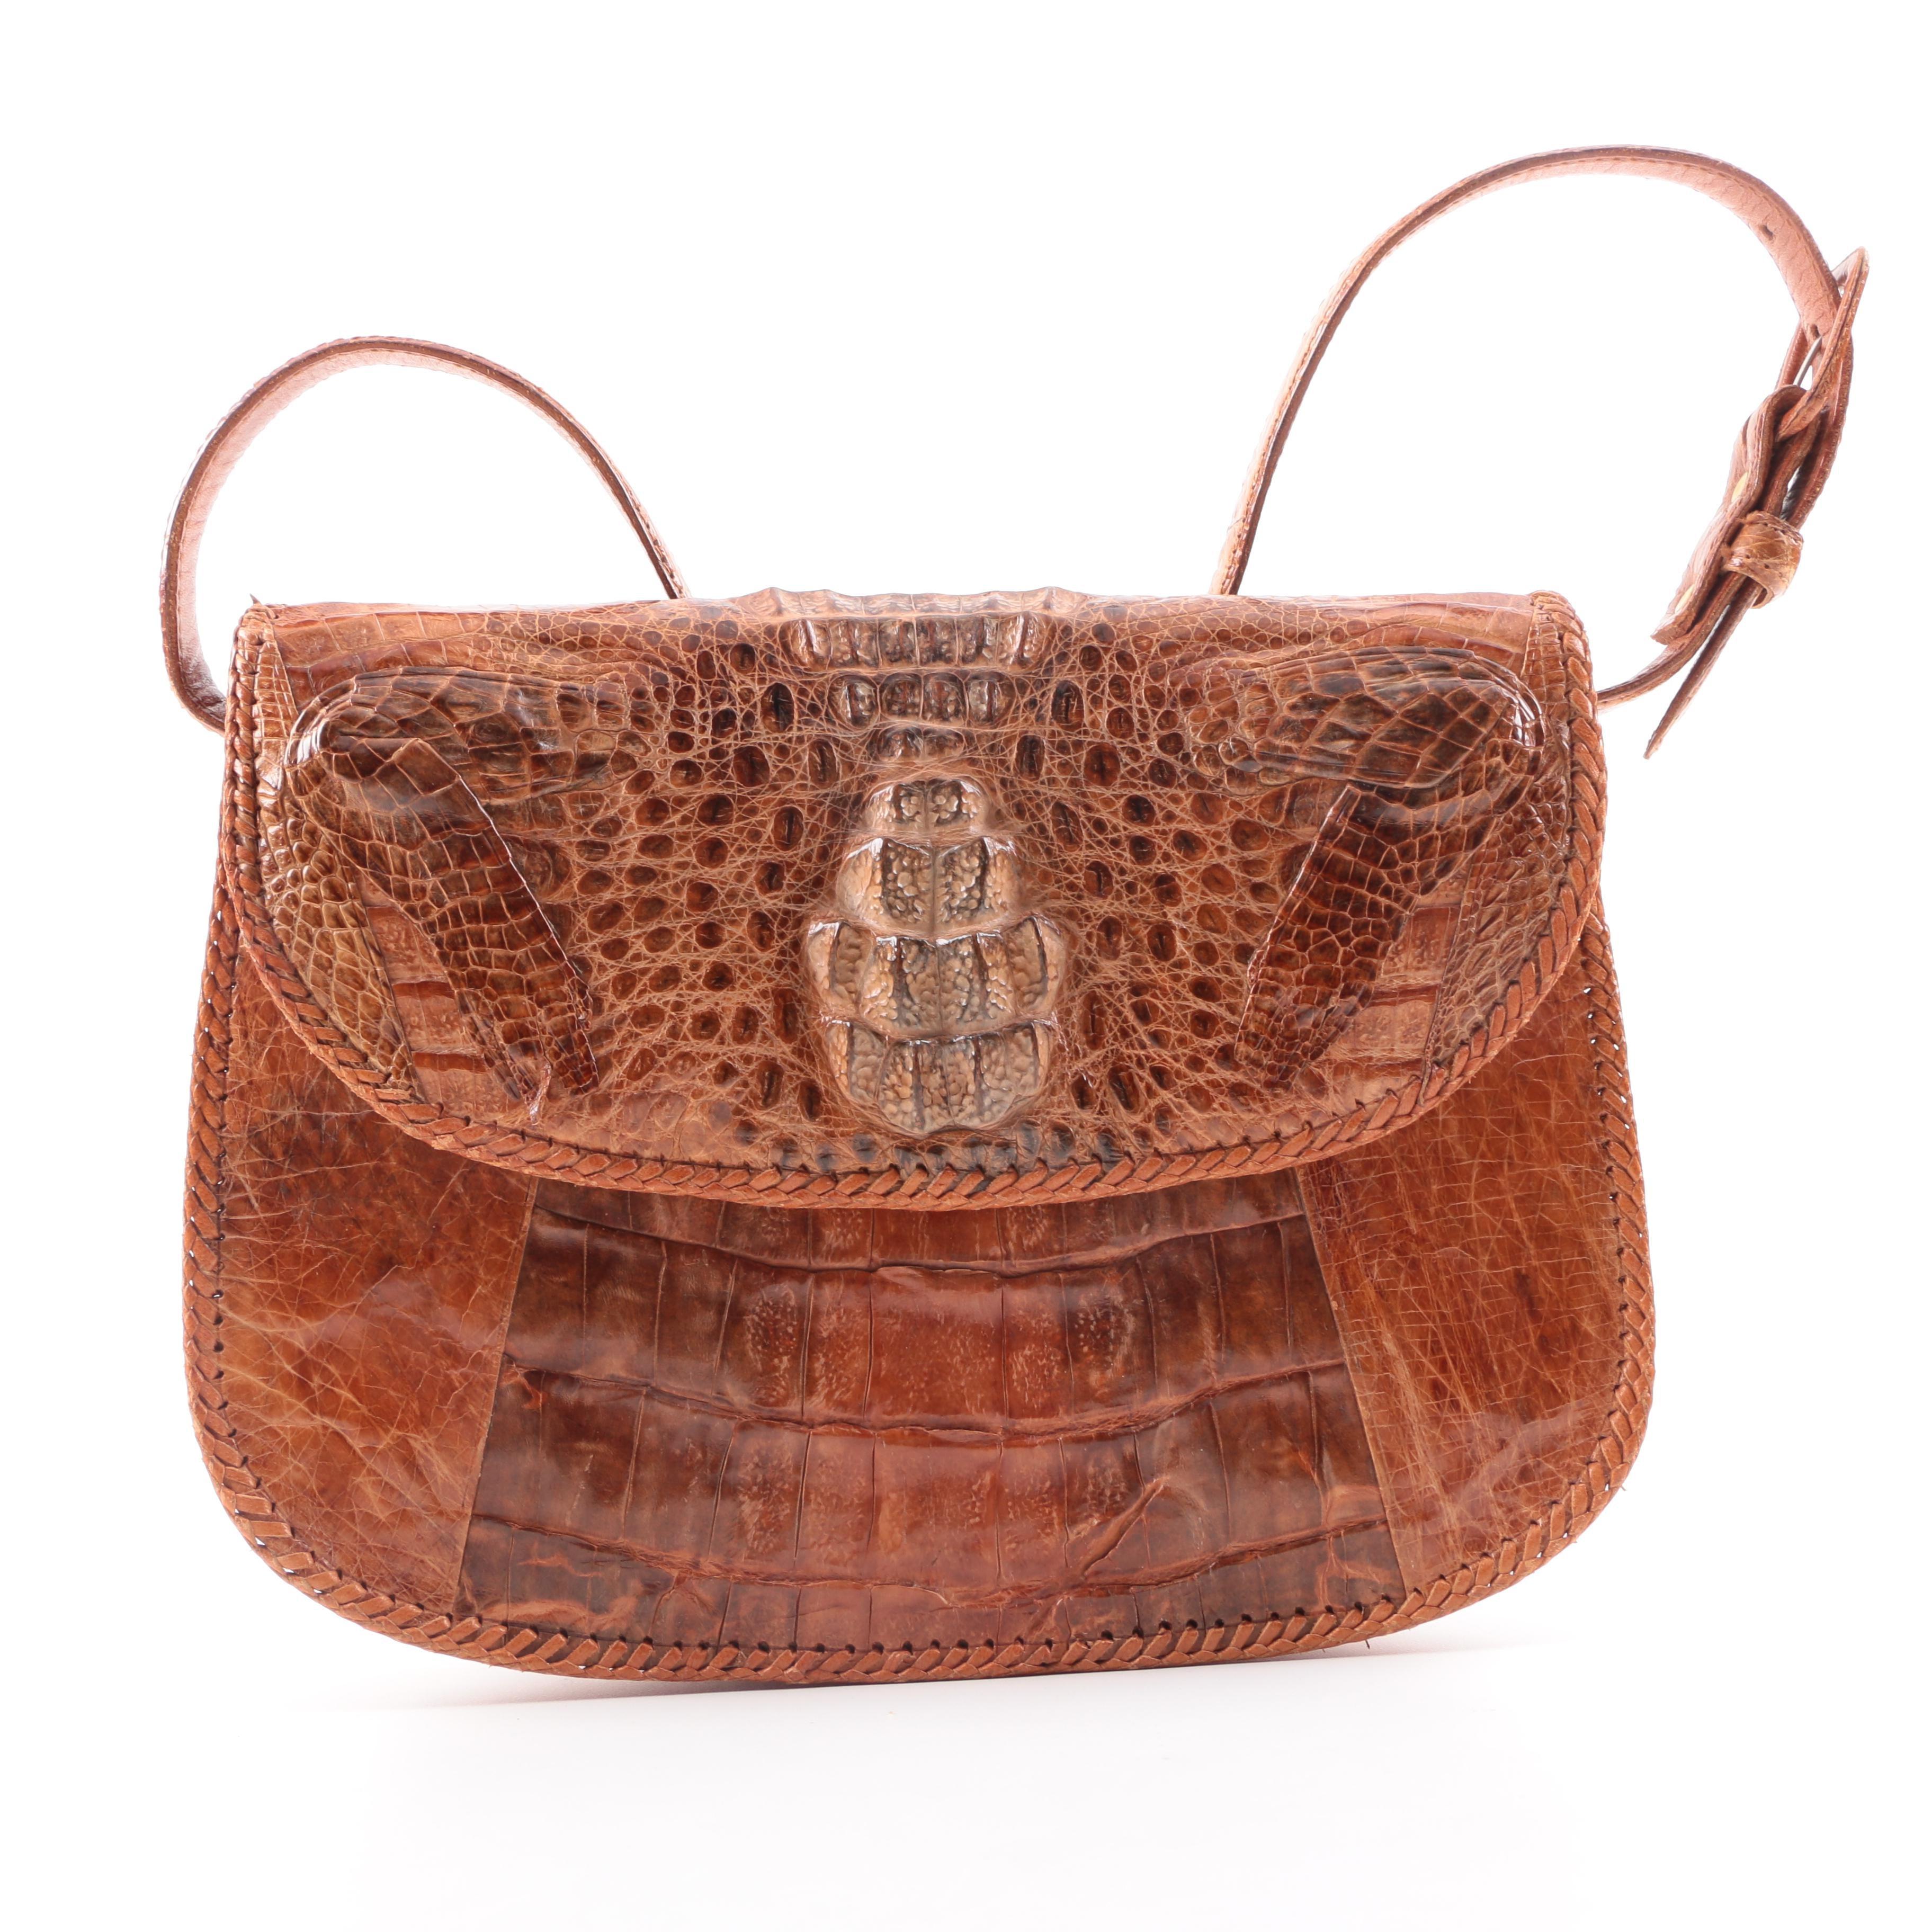 Circa 1960s Brown Caiman Alligator and Leather Handbag